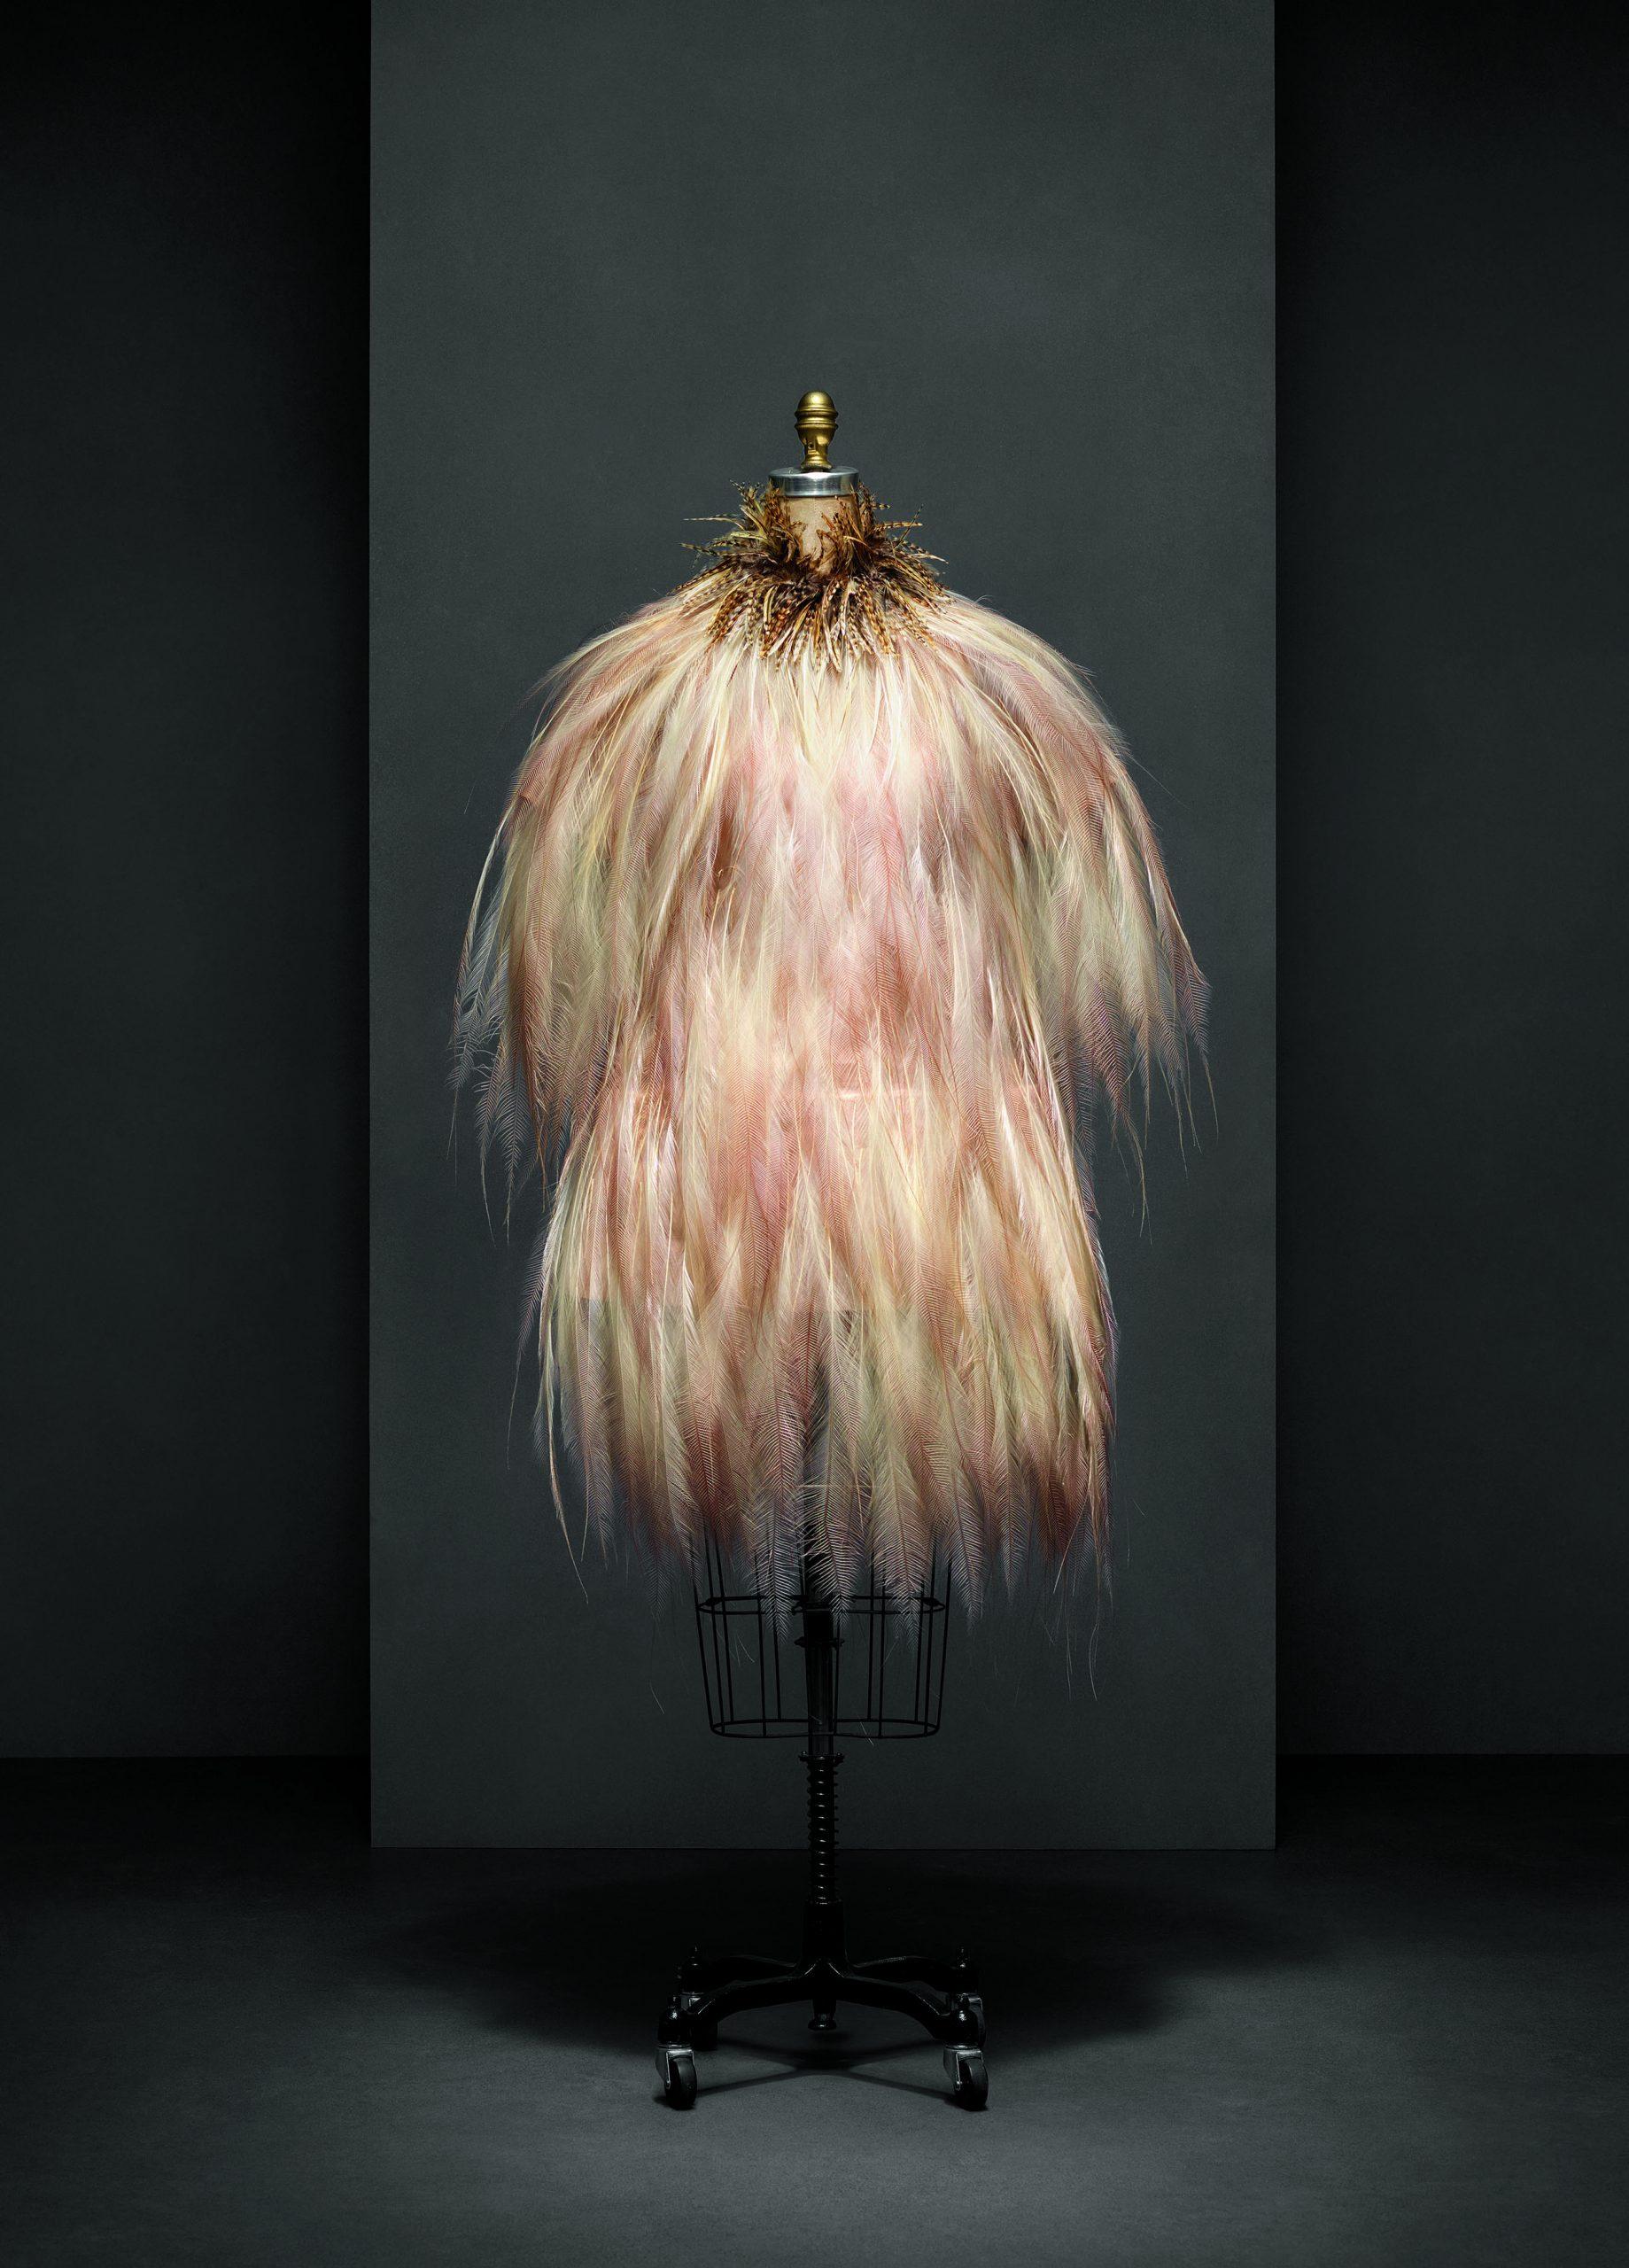 Vestido de Yves Saint Laurent. Colección alta costura Otoño-Invierno 1969-70.